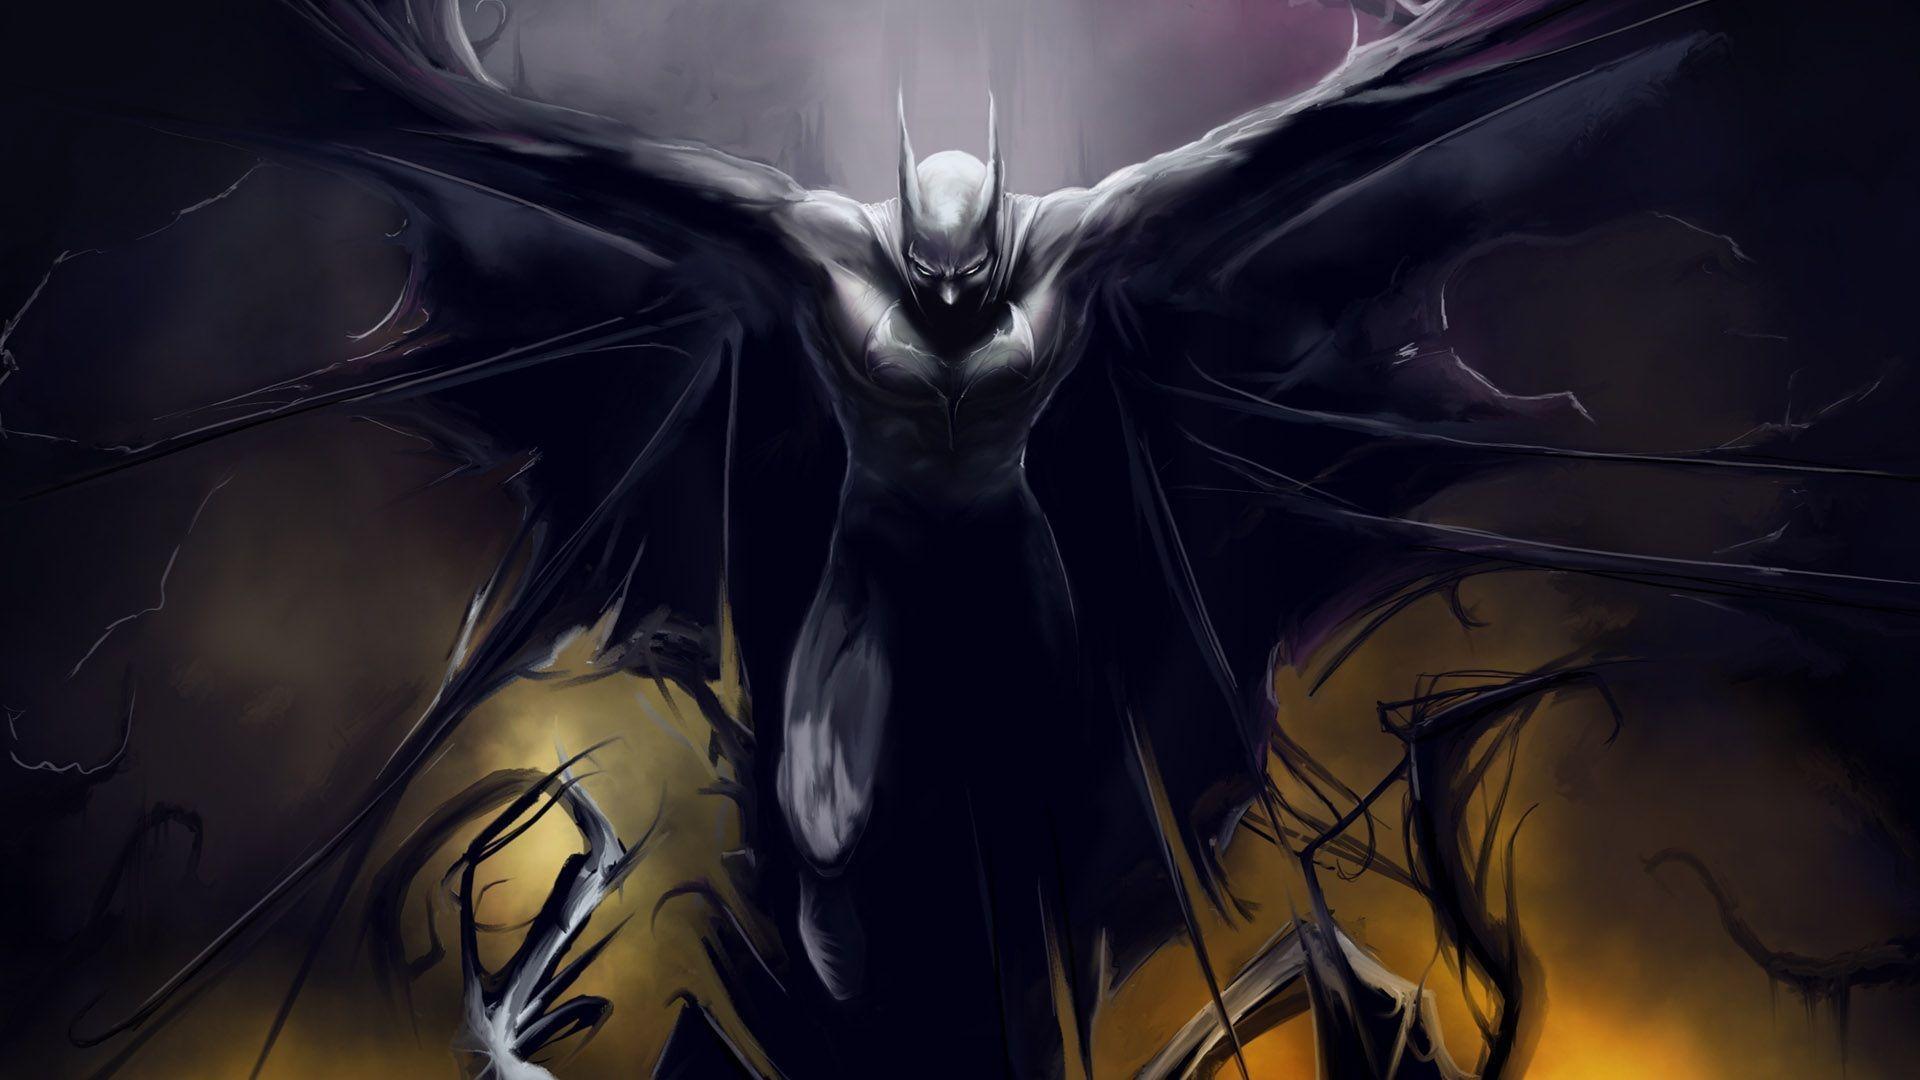 بالصور خلفيات باتمان , صور البطل الخارق محبوب الاطفال 3538 8